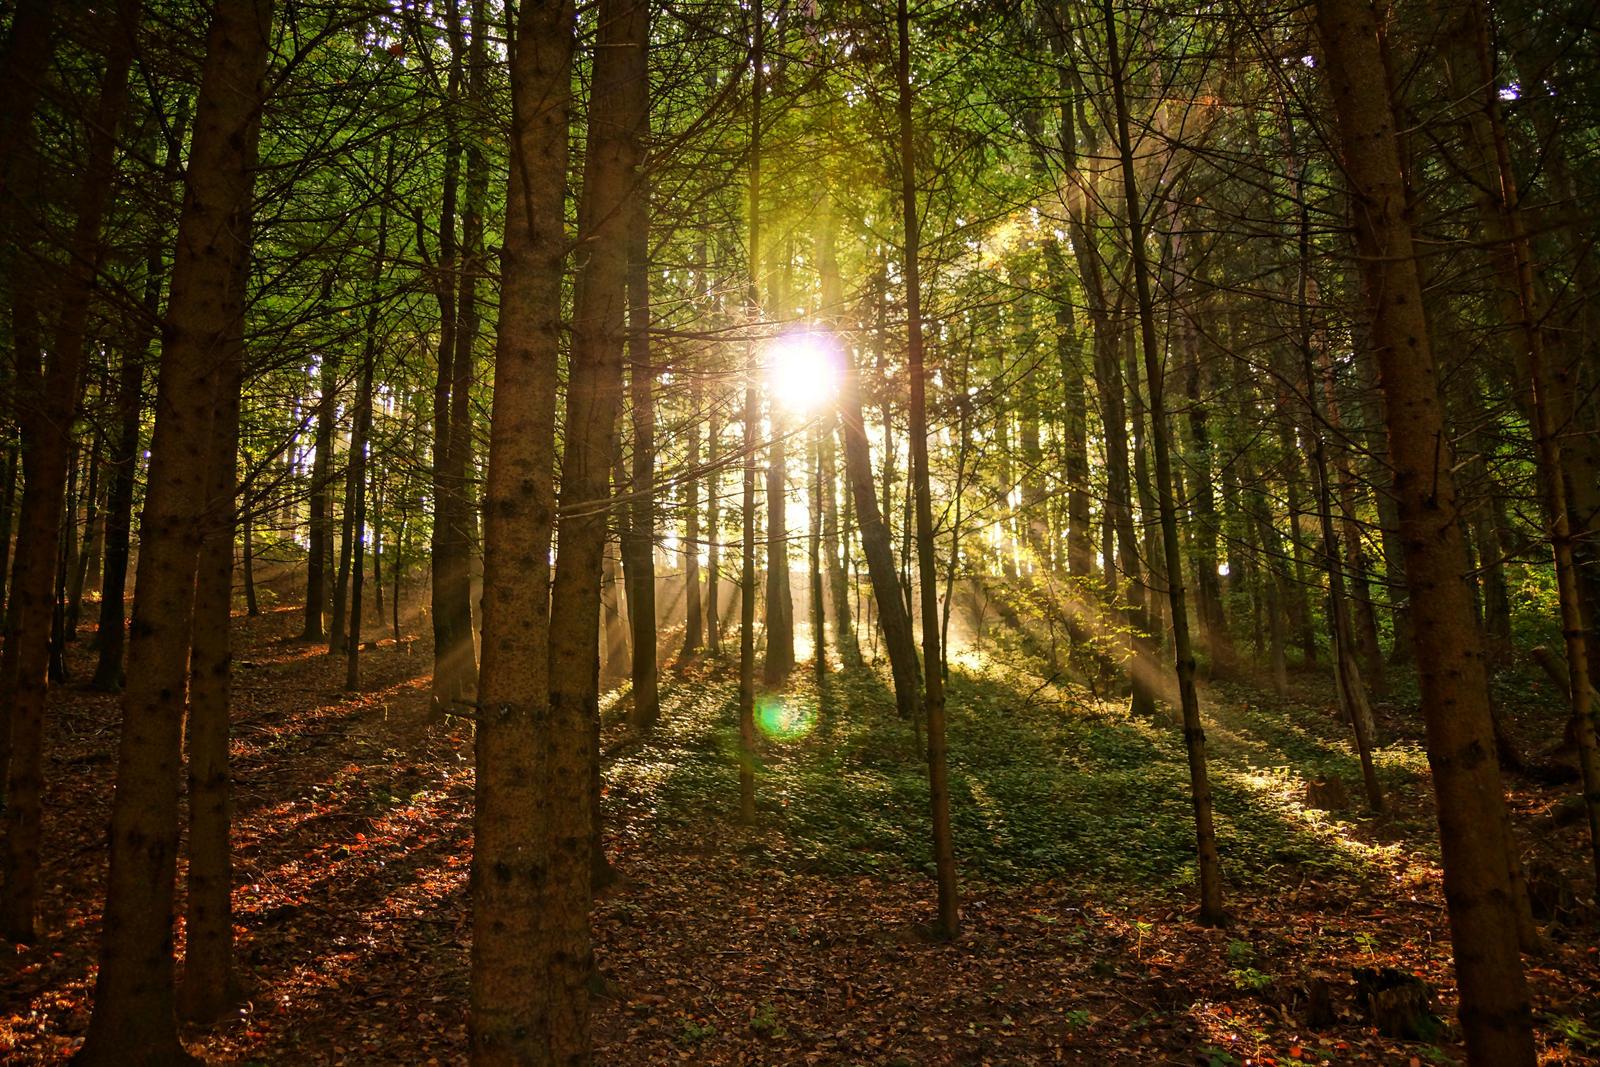 autumn forest by Mittelfranke